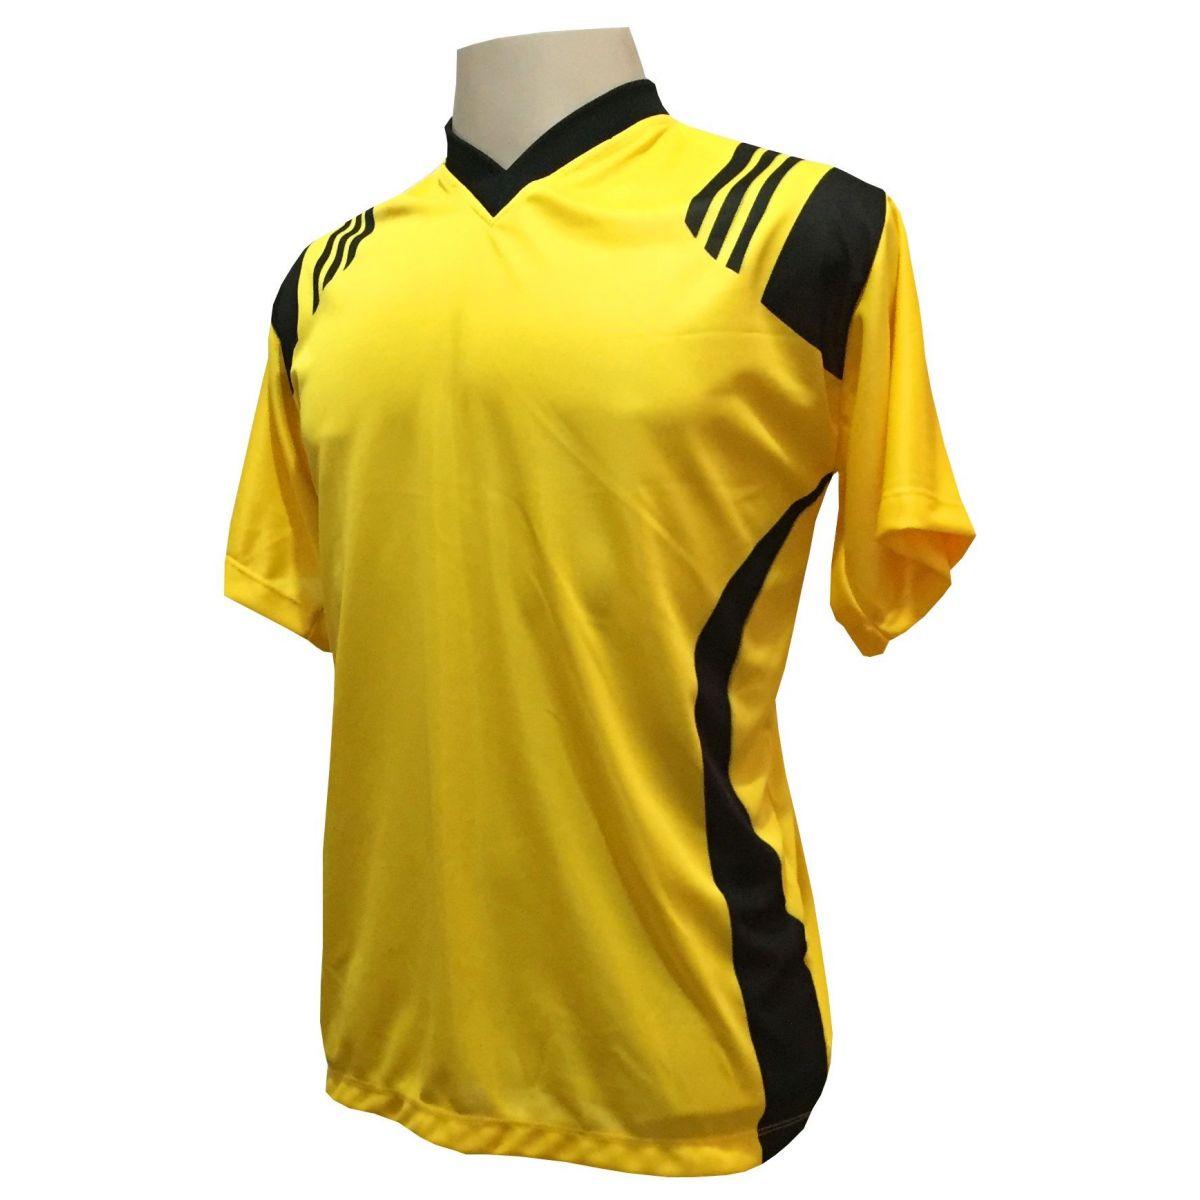 Fardamento Completo modelo Roma 18+1 (18 Camisas Amarelo/Preto + 18 Calções Copa Preto/Amarelo + 18 Pares de Meiões Amarelo + 1 Conjunto de Goleiro) + Brindes